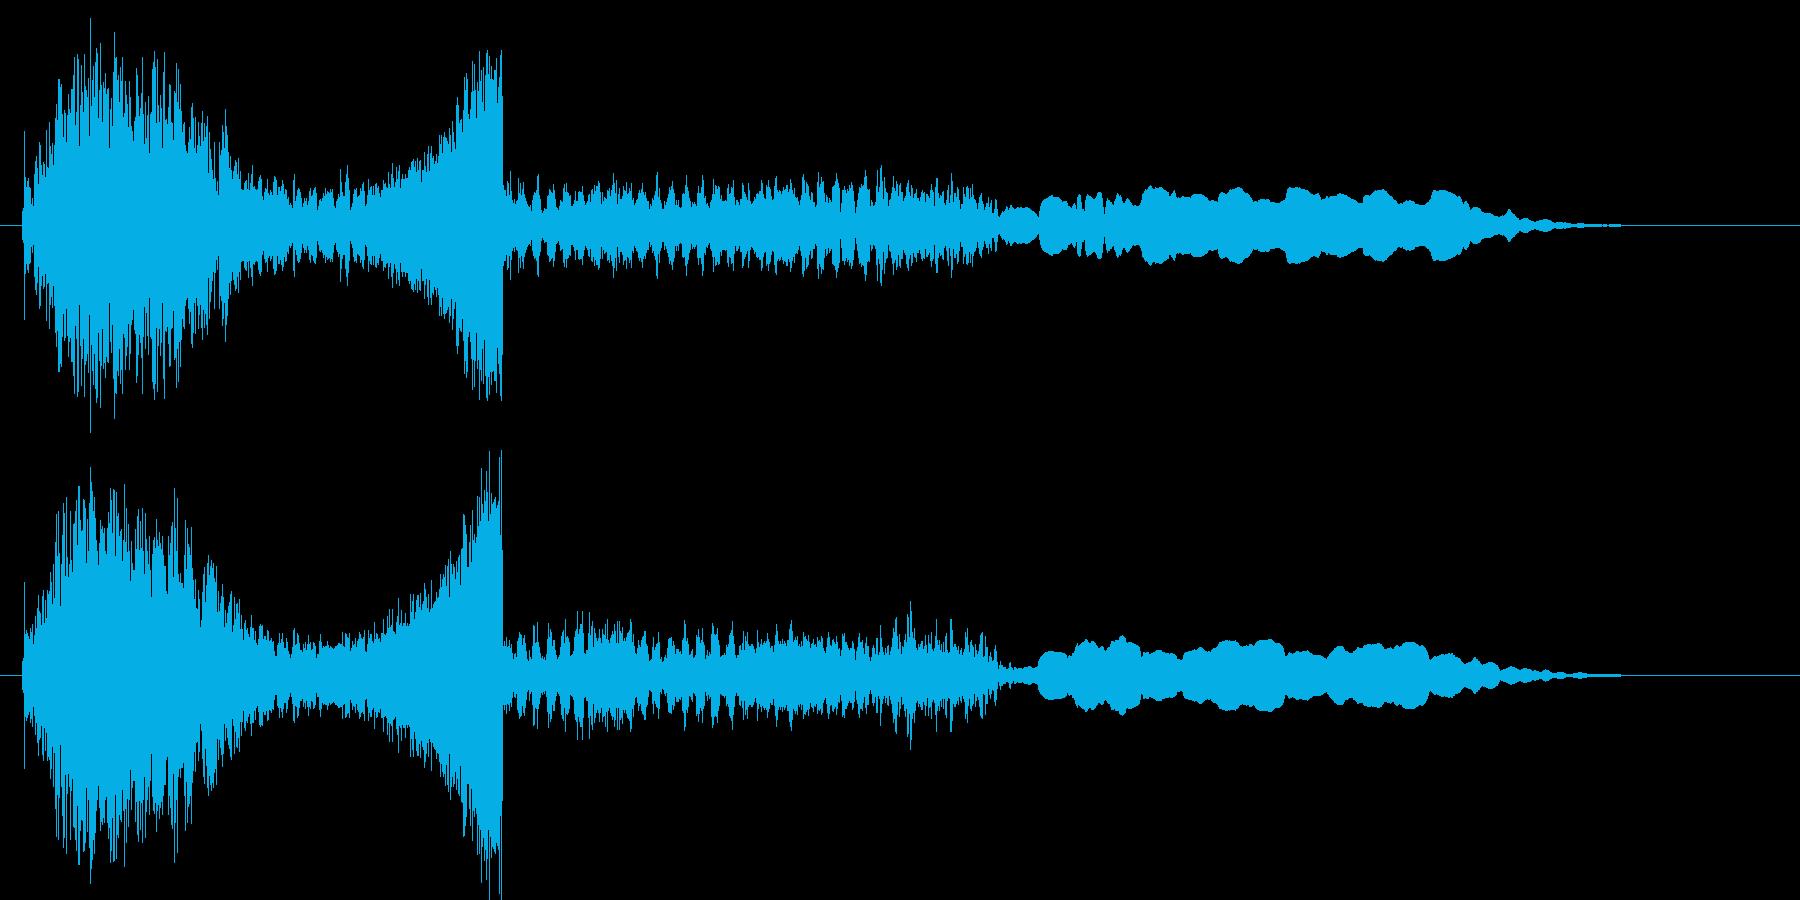 ユンユンユンユン… (UFOの交信音)の再生済みの波形